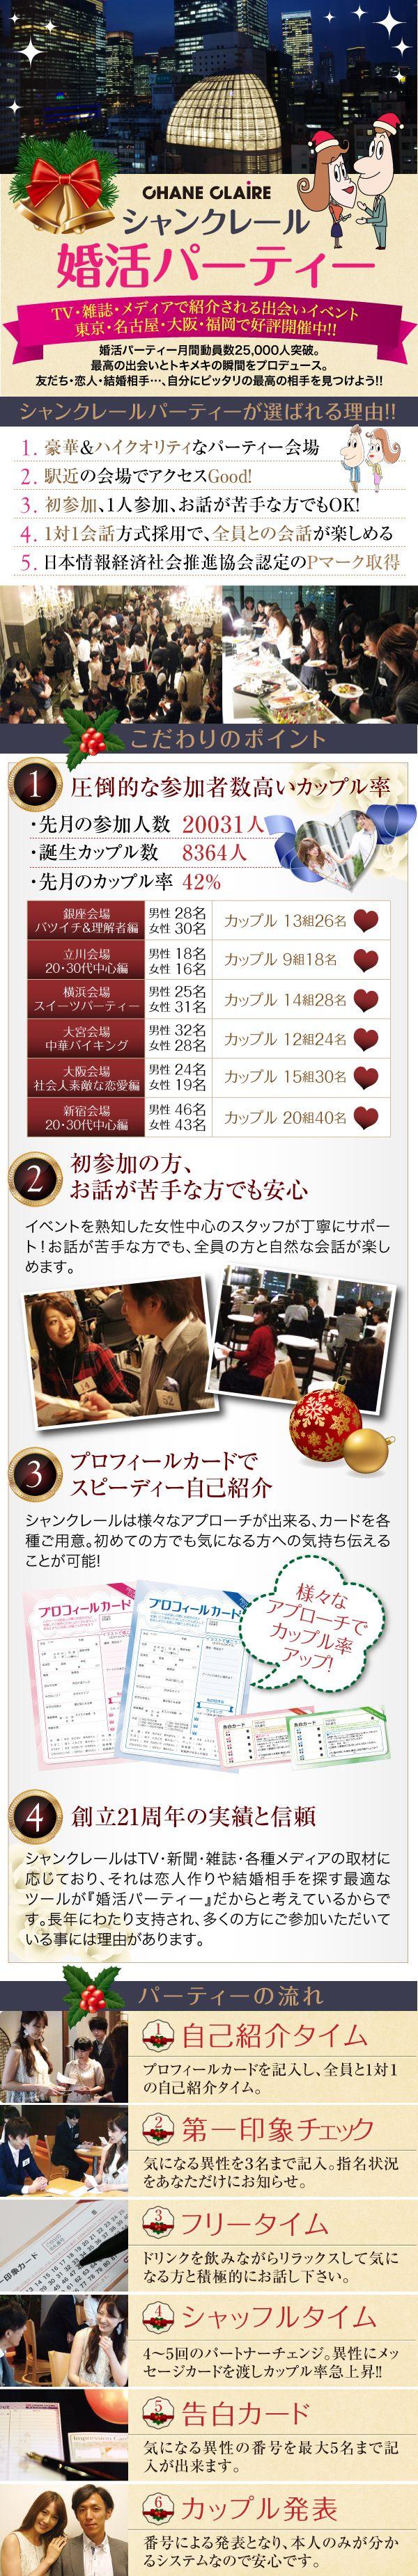 クリスマス2015婚活ベース